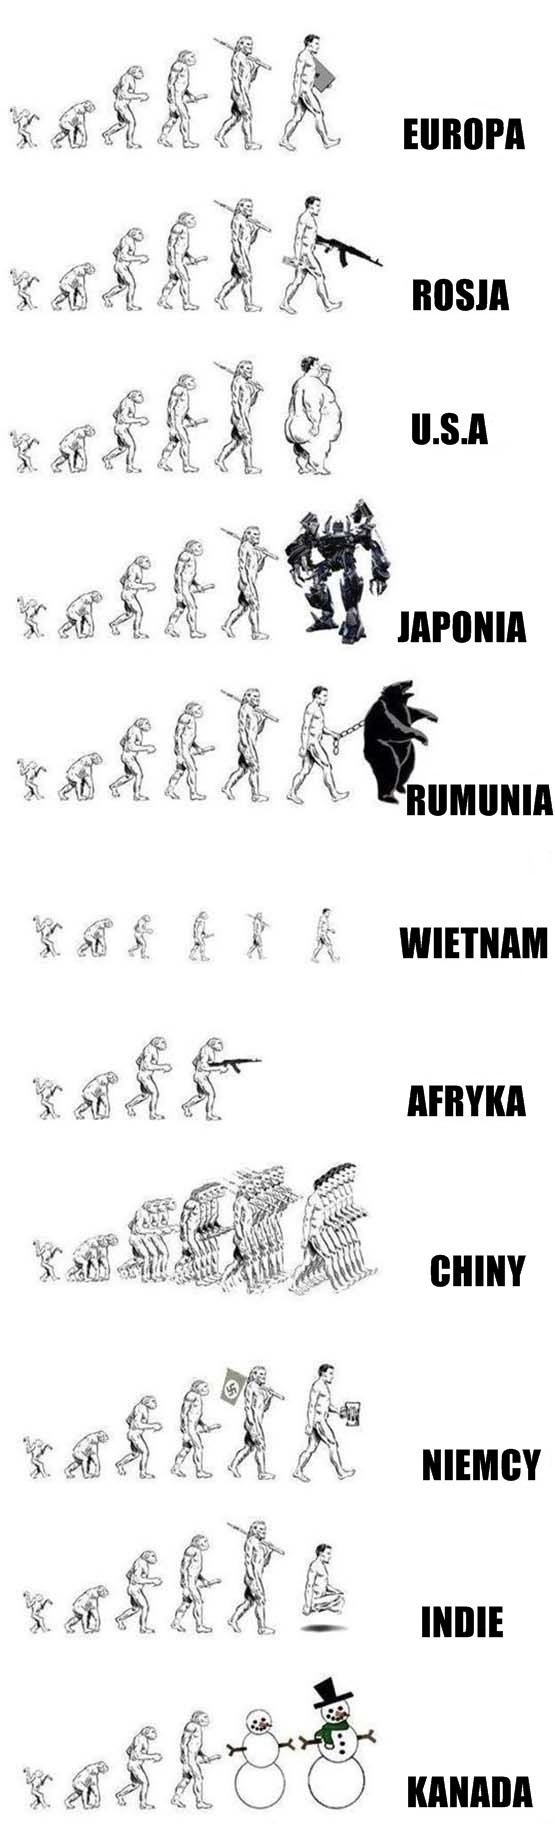 Ewolucja ludzi